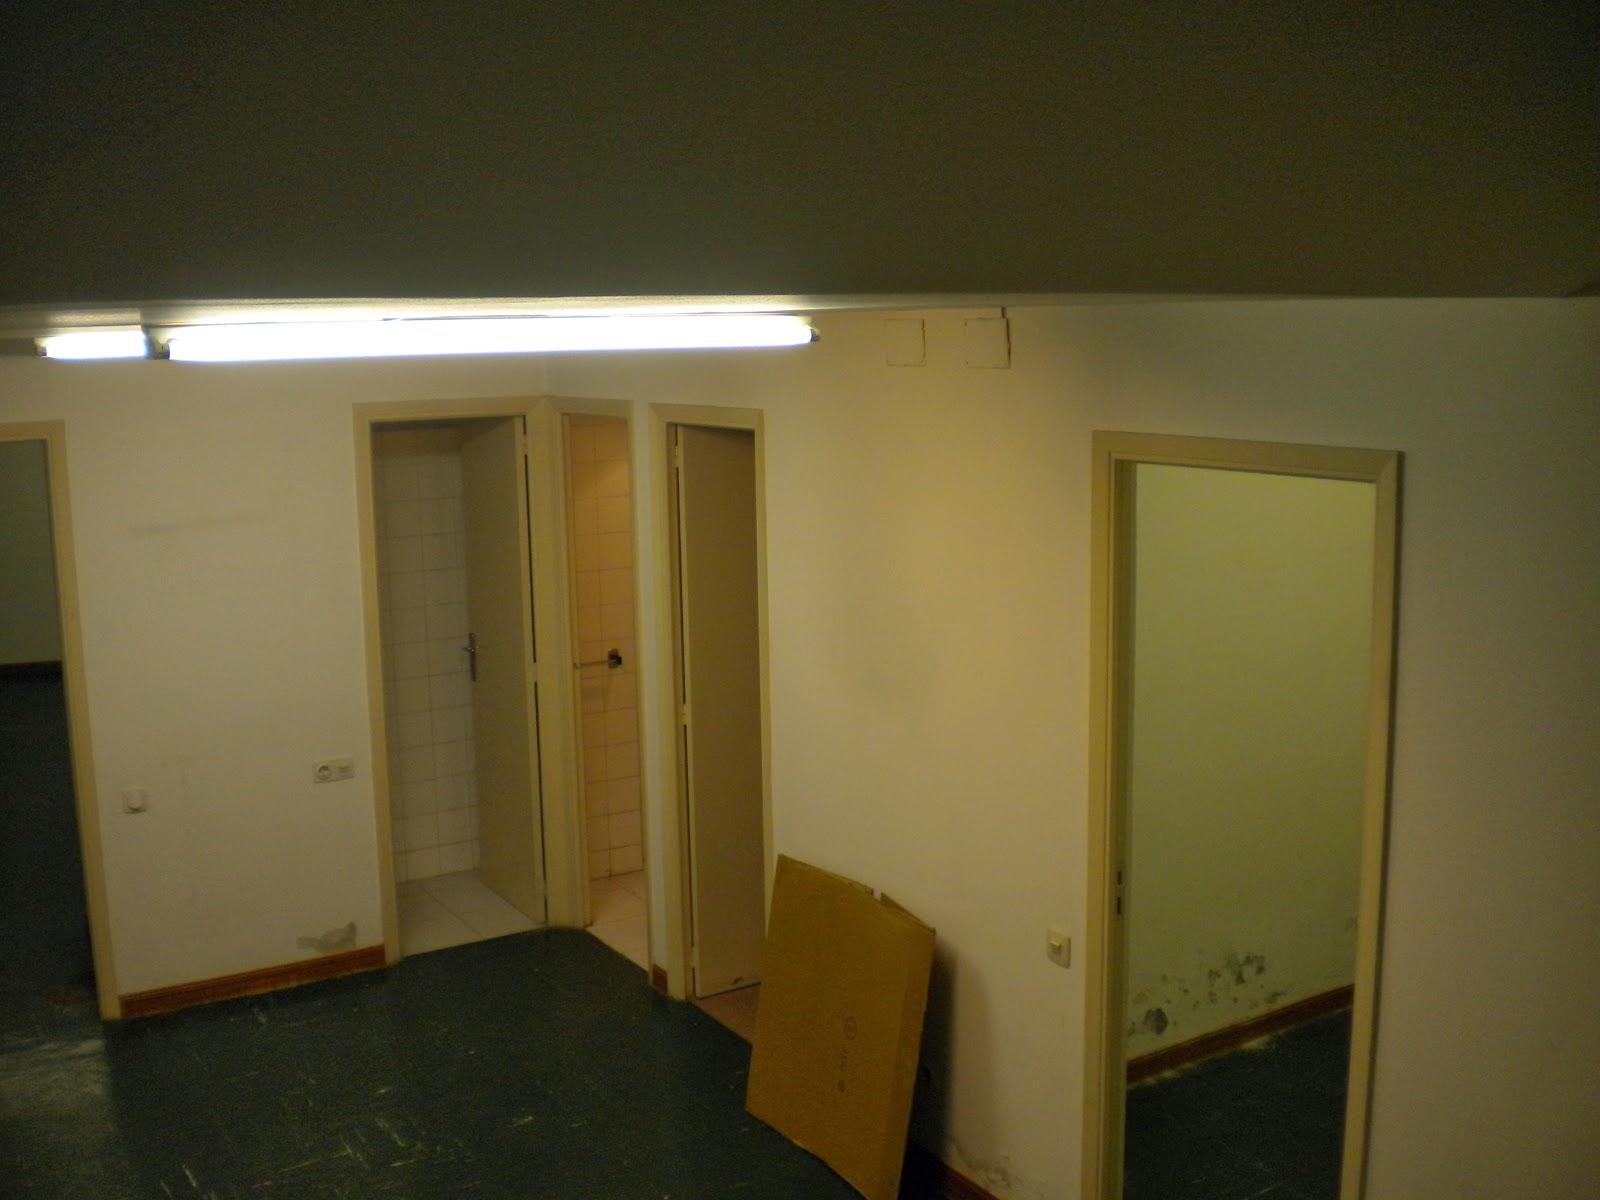 Viviendas coru a viviendas coru a local acondicionado en - Alquiler vivienda coruna ...